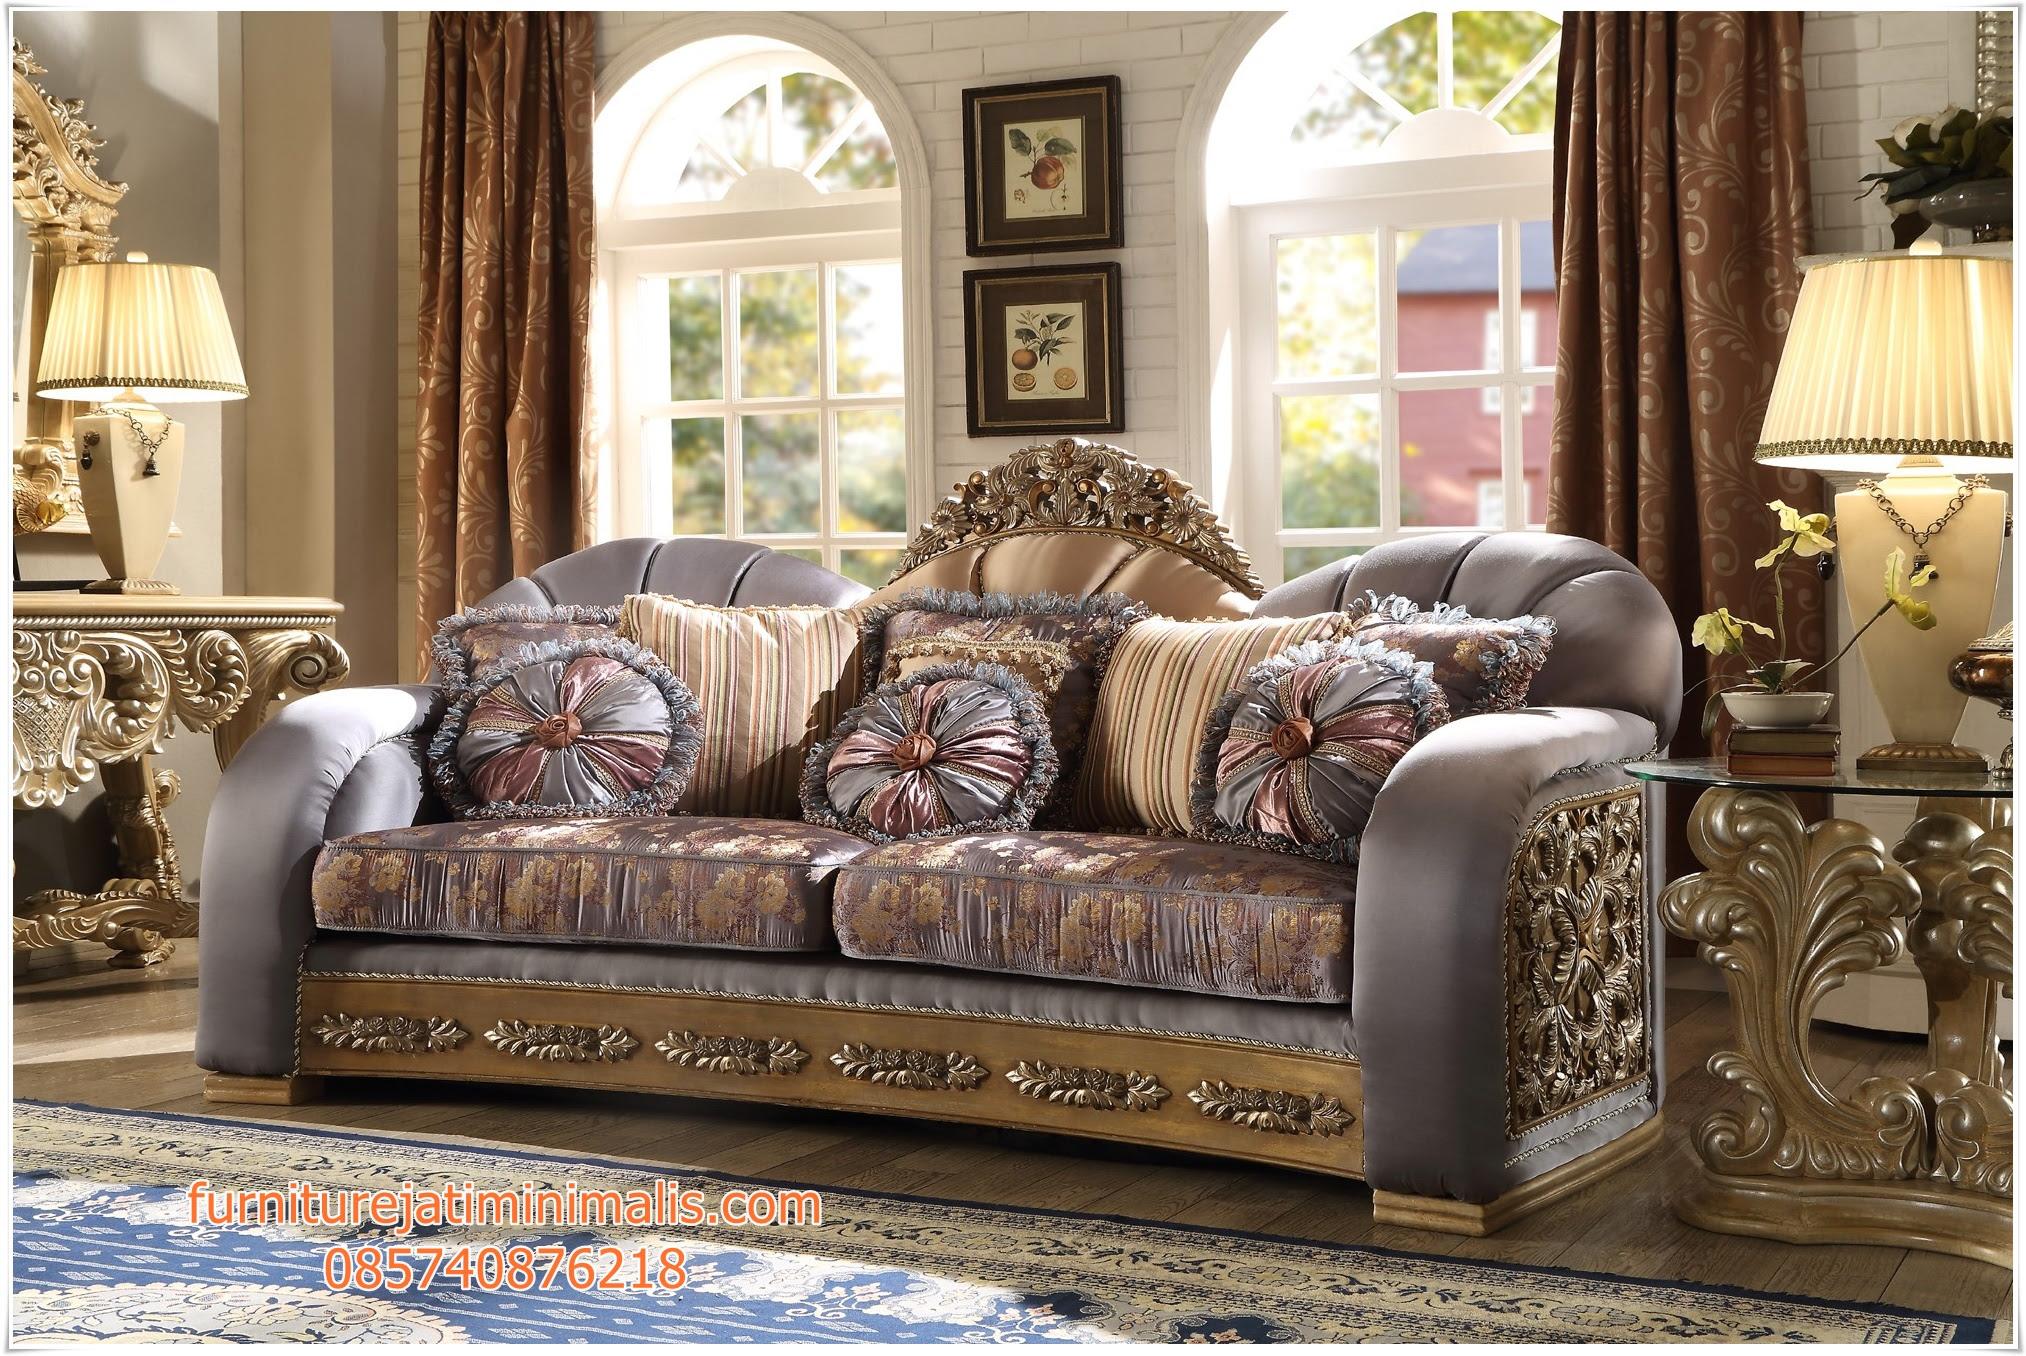 Sofa Mewah Ruang Tamu Klasik Sofa Mewah Set Sofa Ruang Tamu